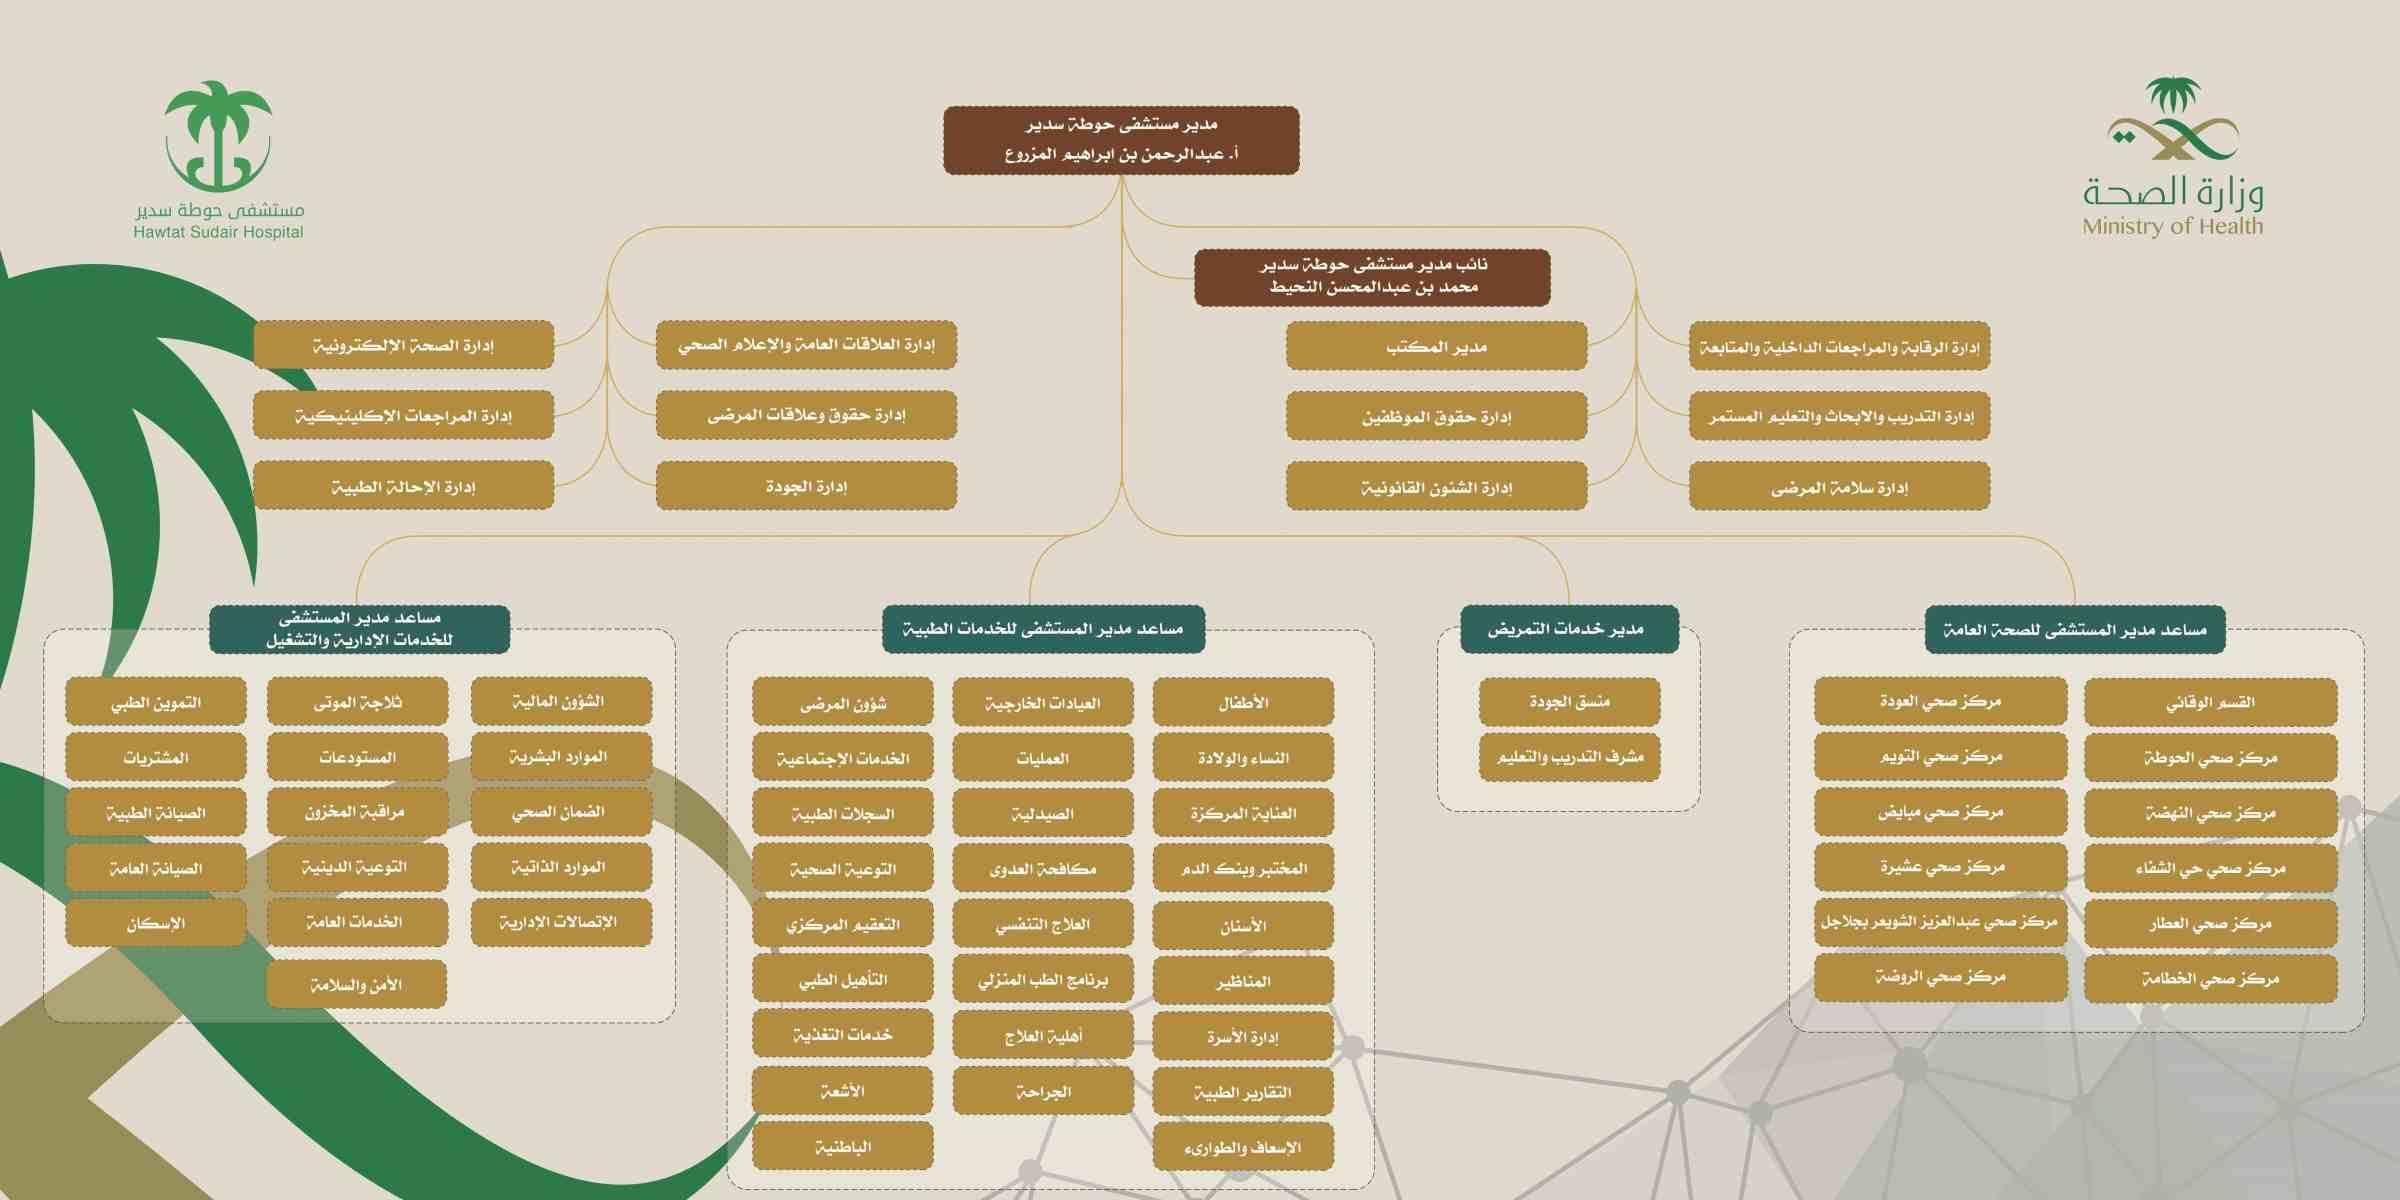 الهيكل التنظيمي مستشفى حوطة سدير Wallpaper Backgrounds Activities Background